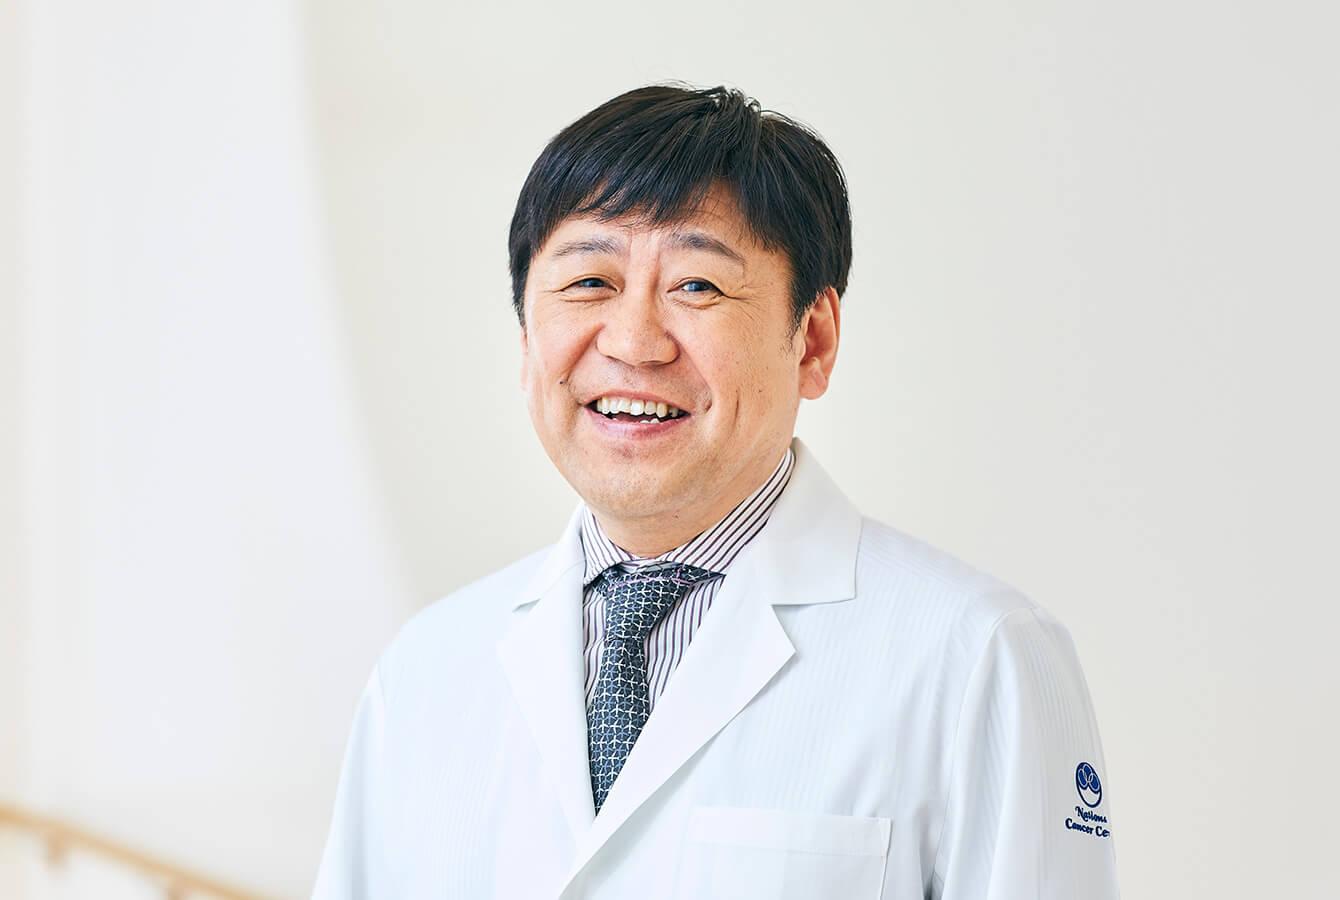 手術機器開発室室長 伊藤 雅昭の写真